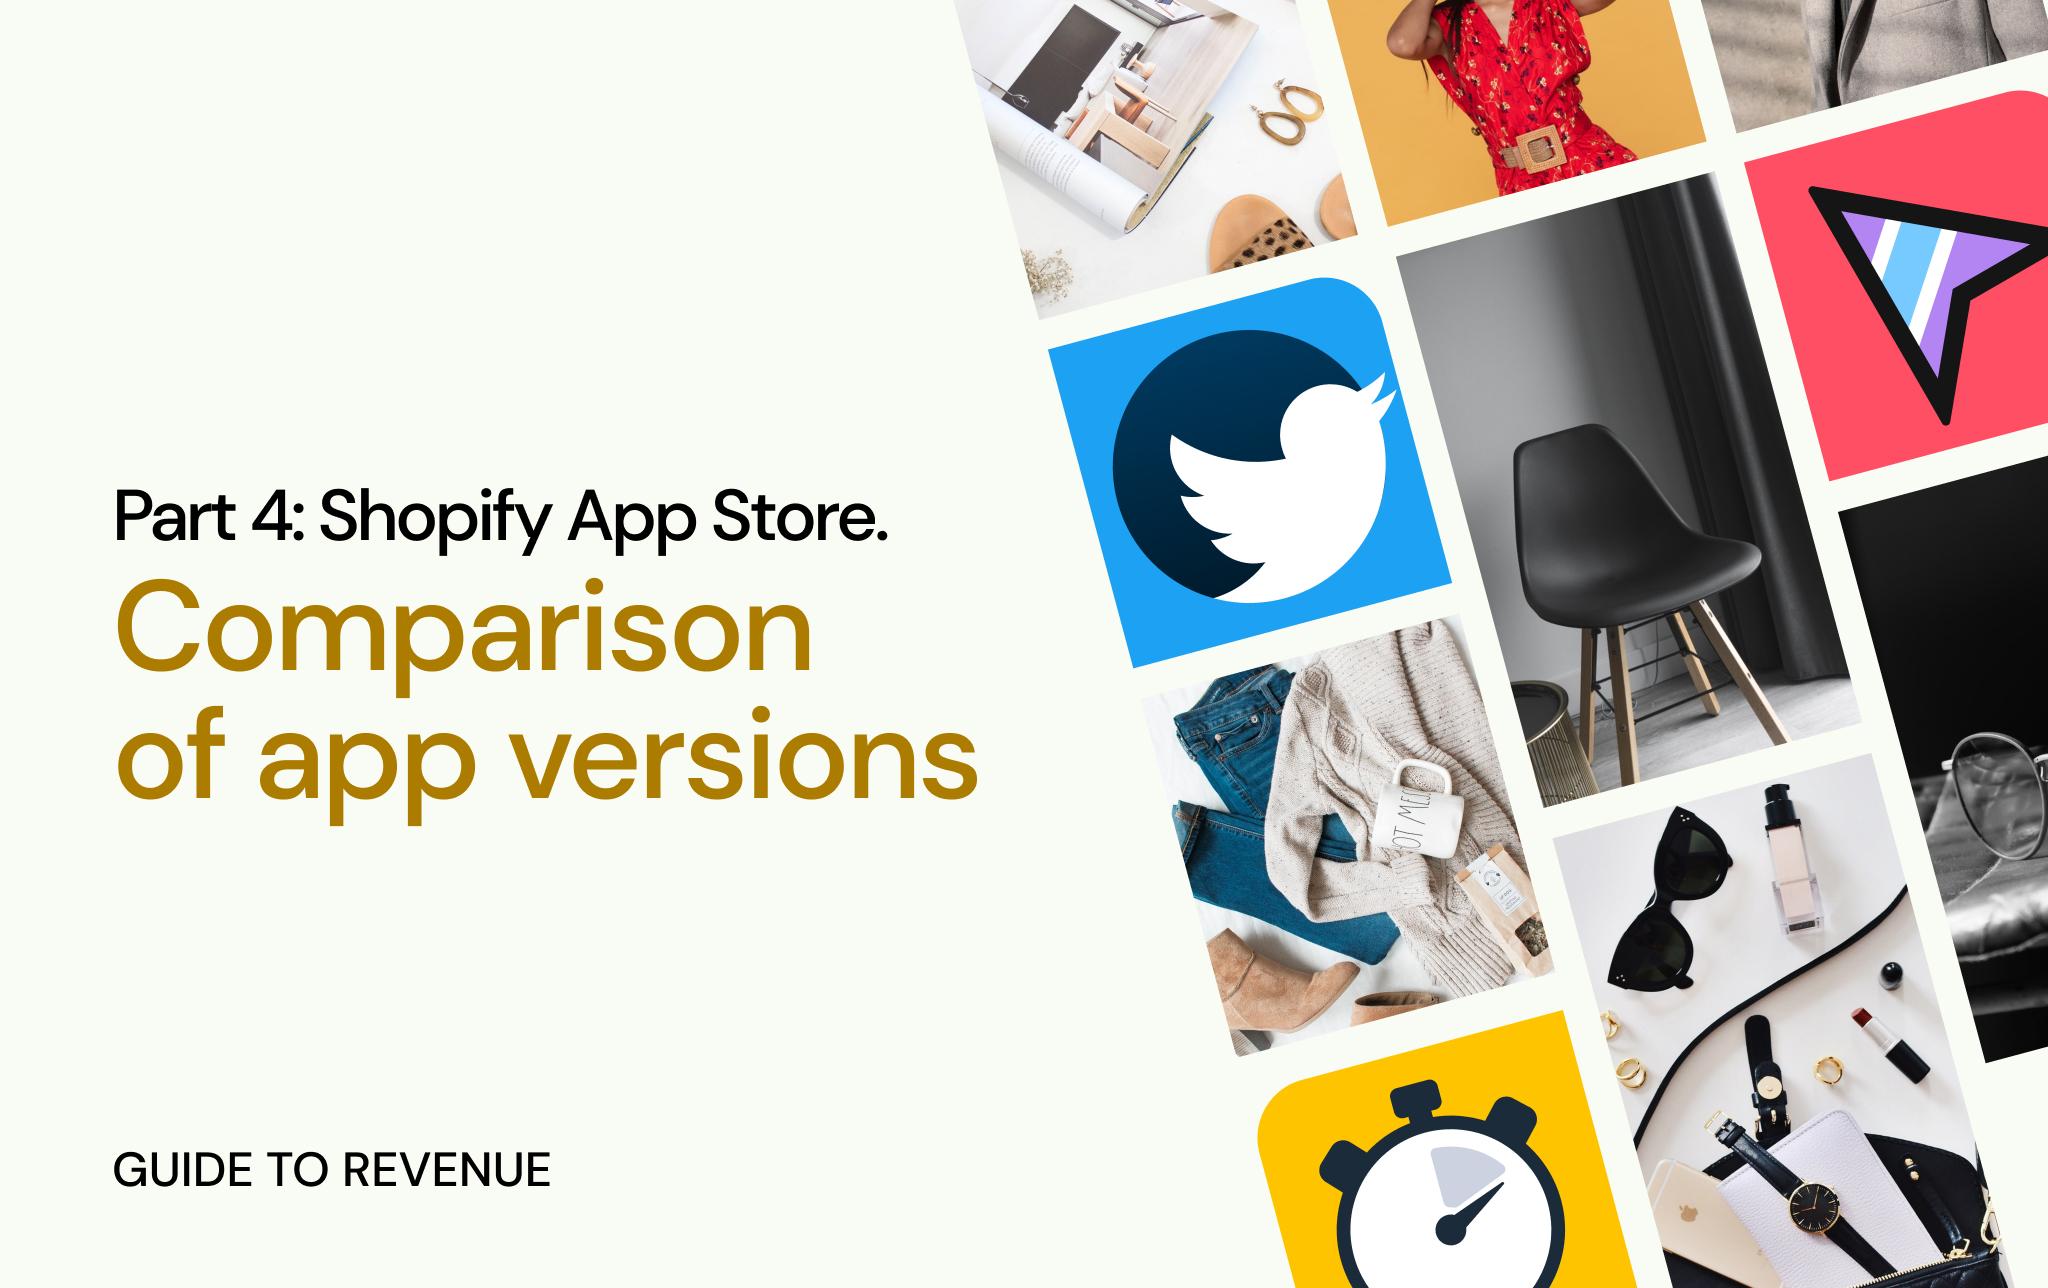 [Part 4] Shopify App Store Guide to revenue – Comparison of app versions